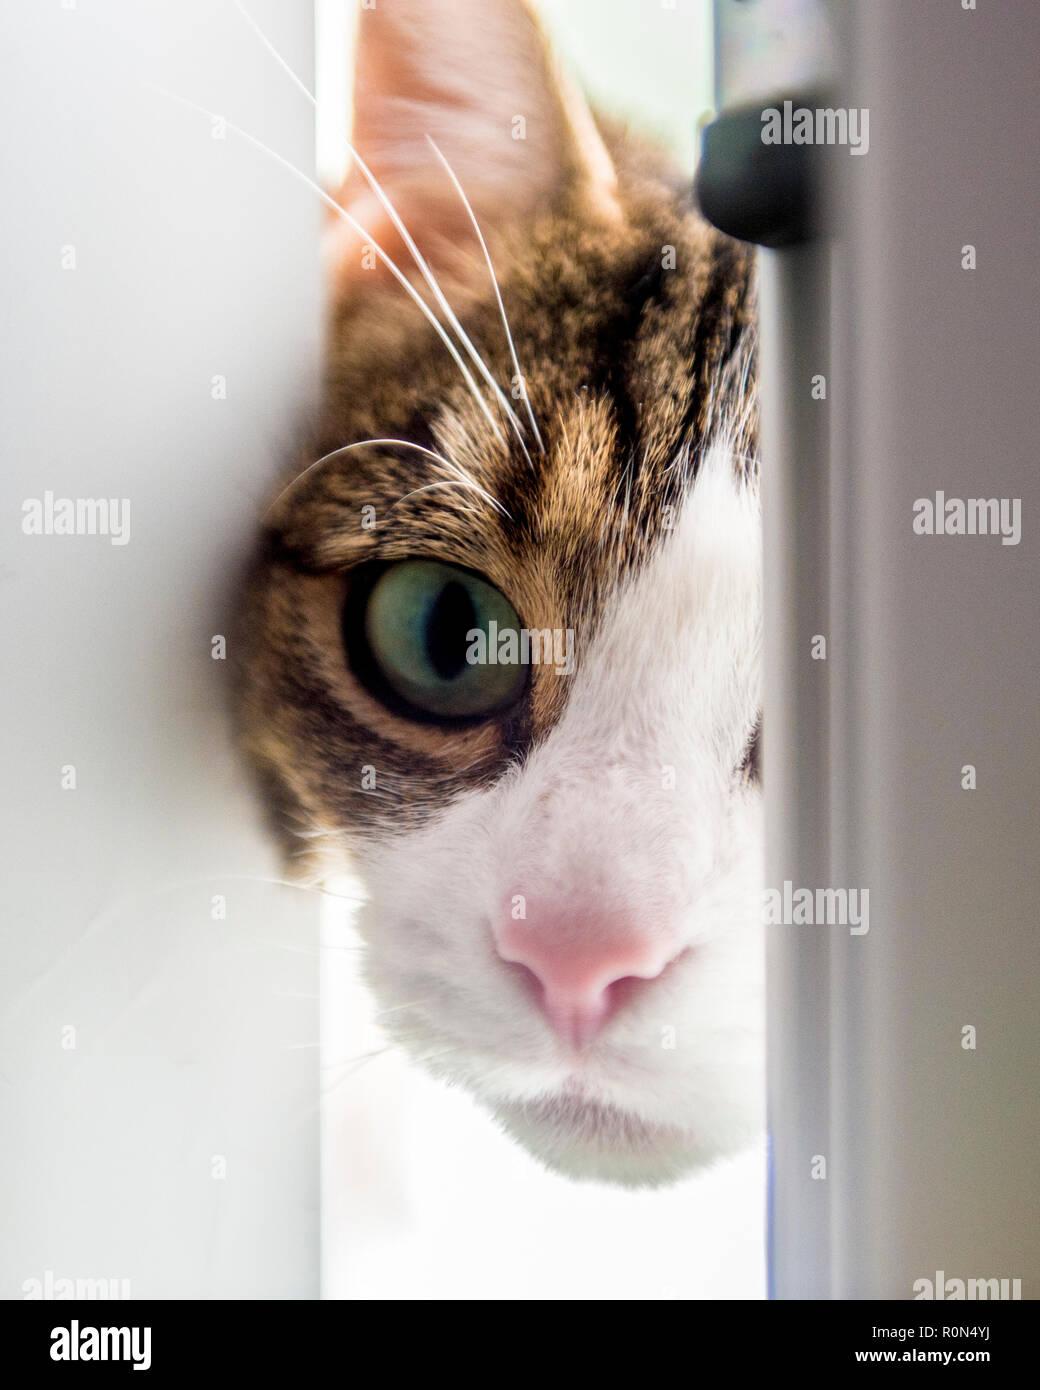 Neugierige Katze Schauen durch Tür Stockbild